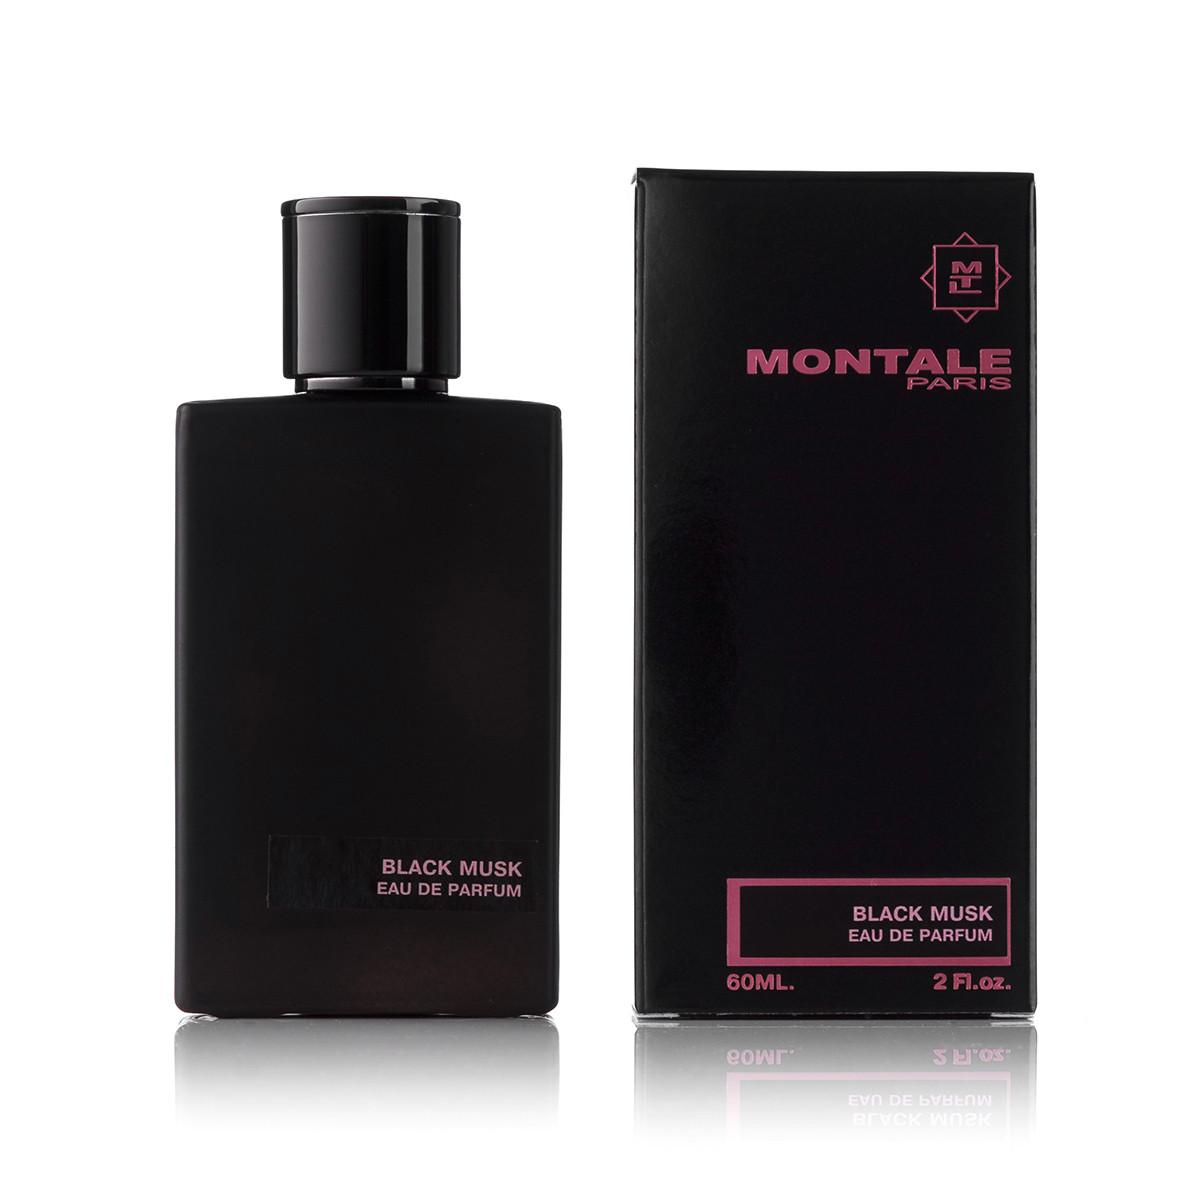 Montale Black Musk парфюмерия женская тестер 60 ml с феромонами в цветной упаковке (реплика)